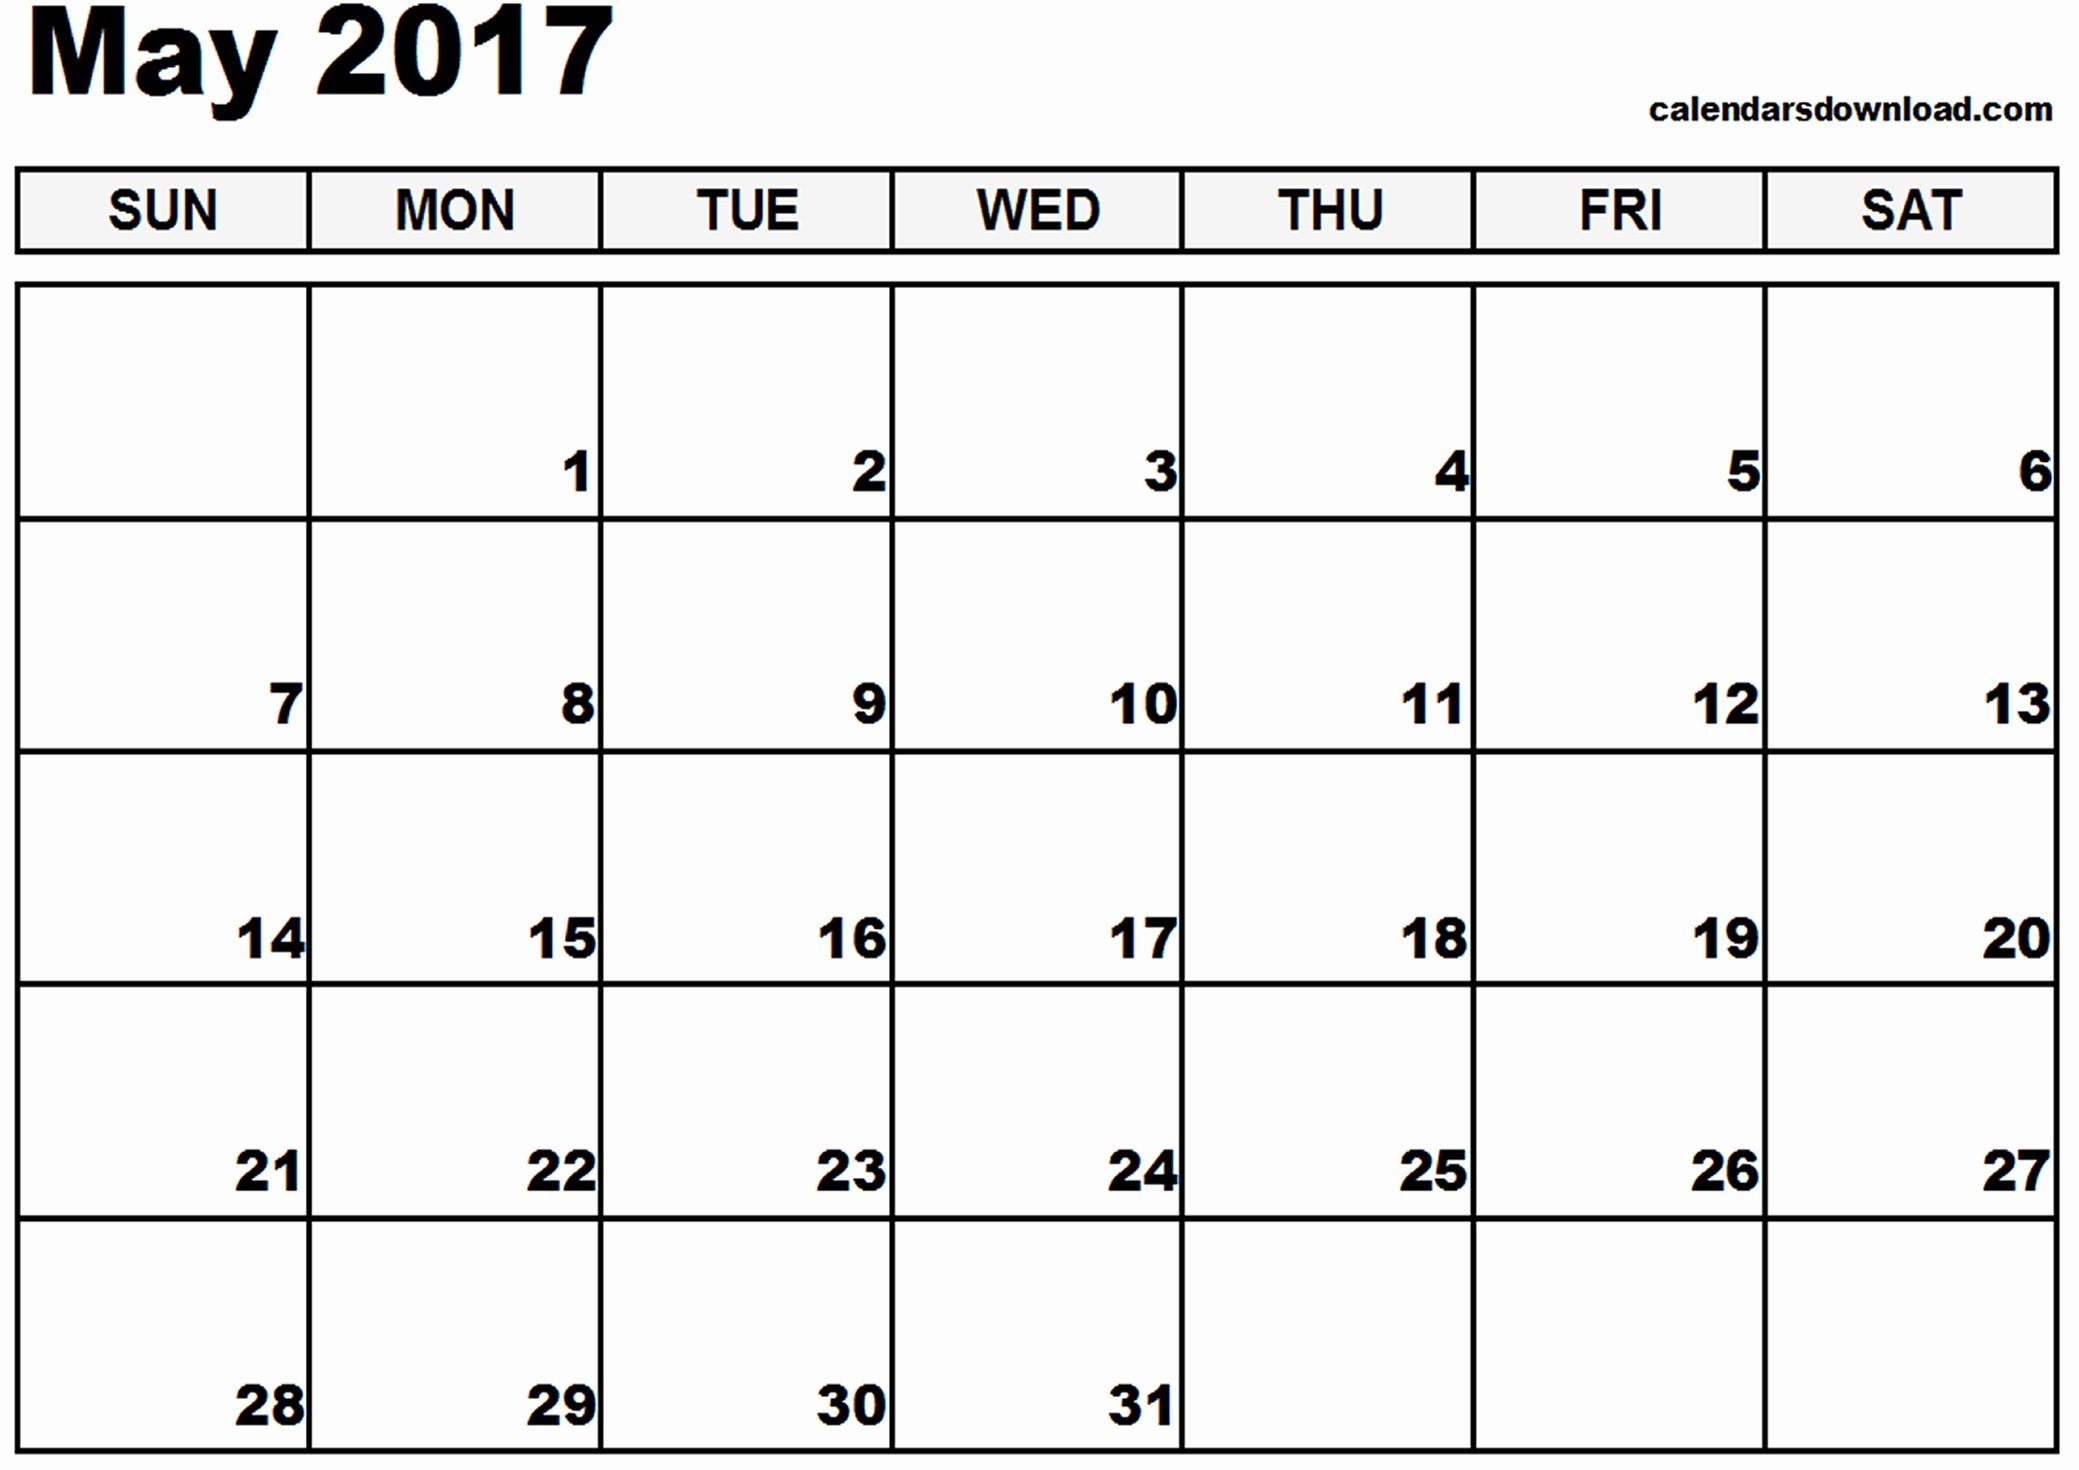 Free Download Of 2017 Calendar Elegant May 2017 Calendar